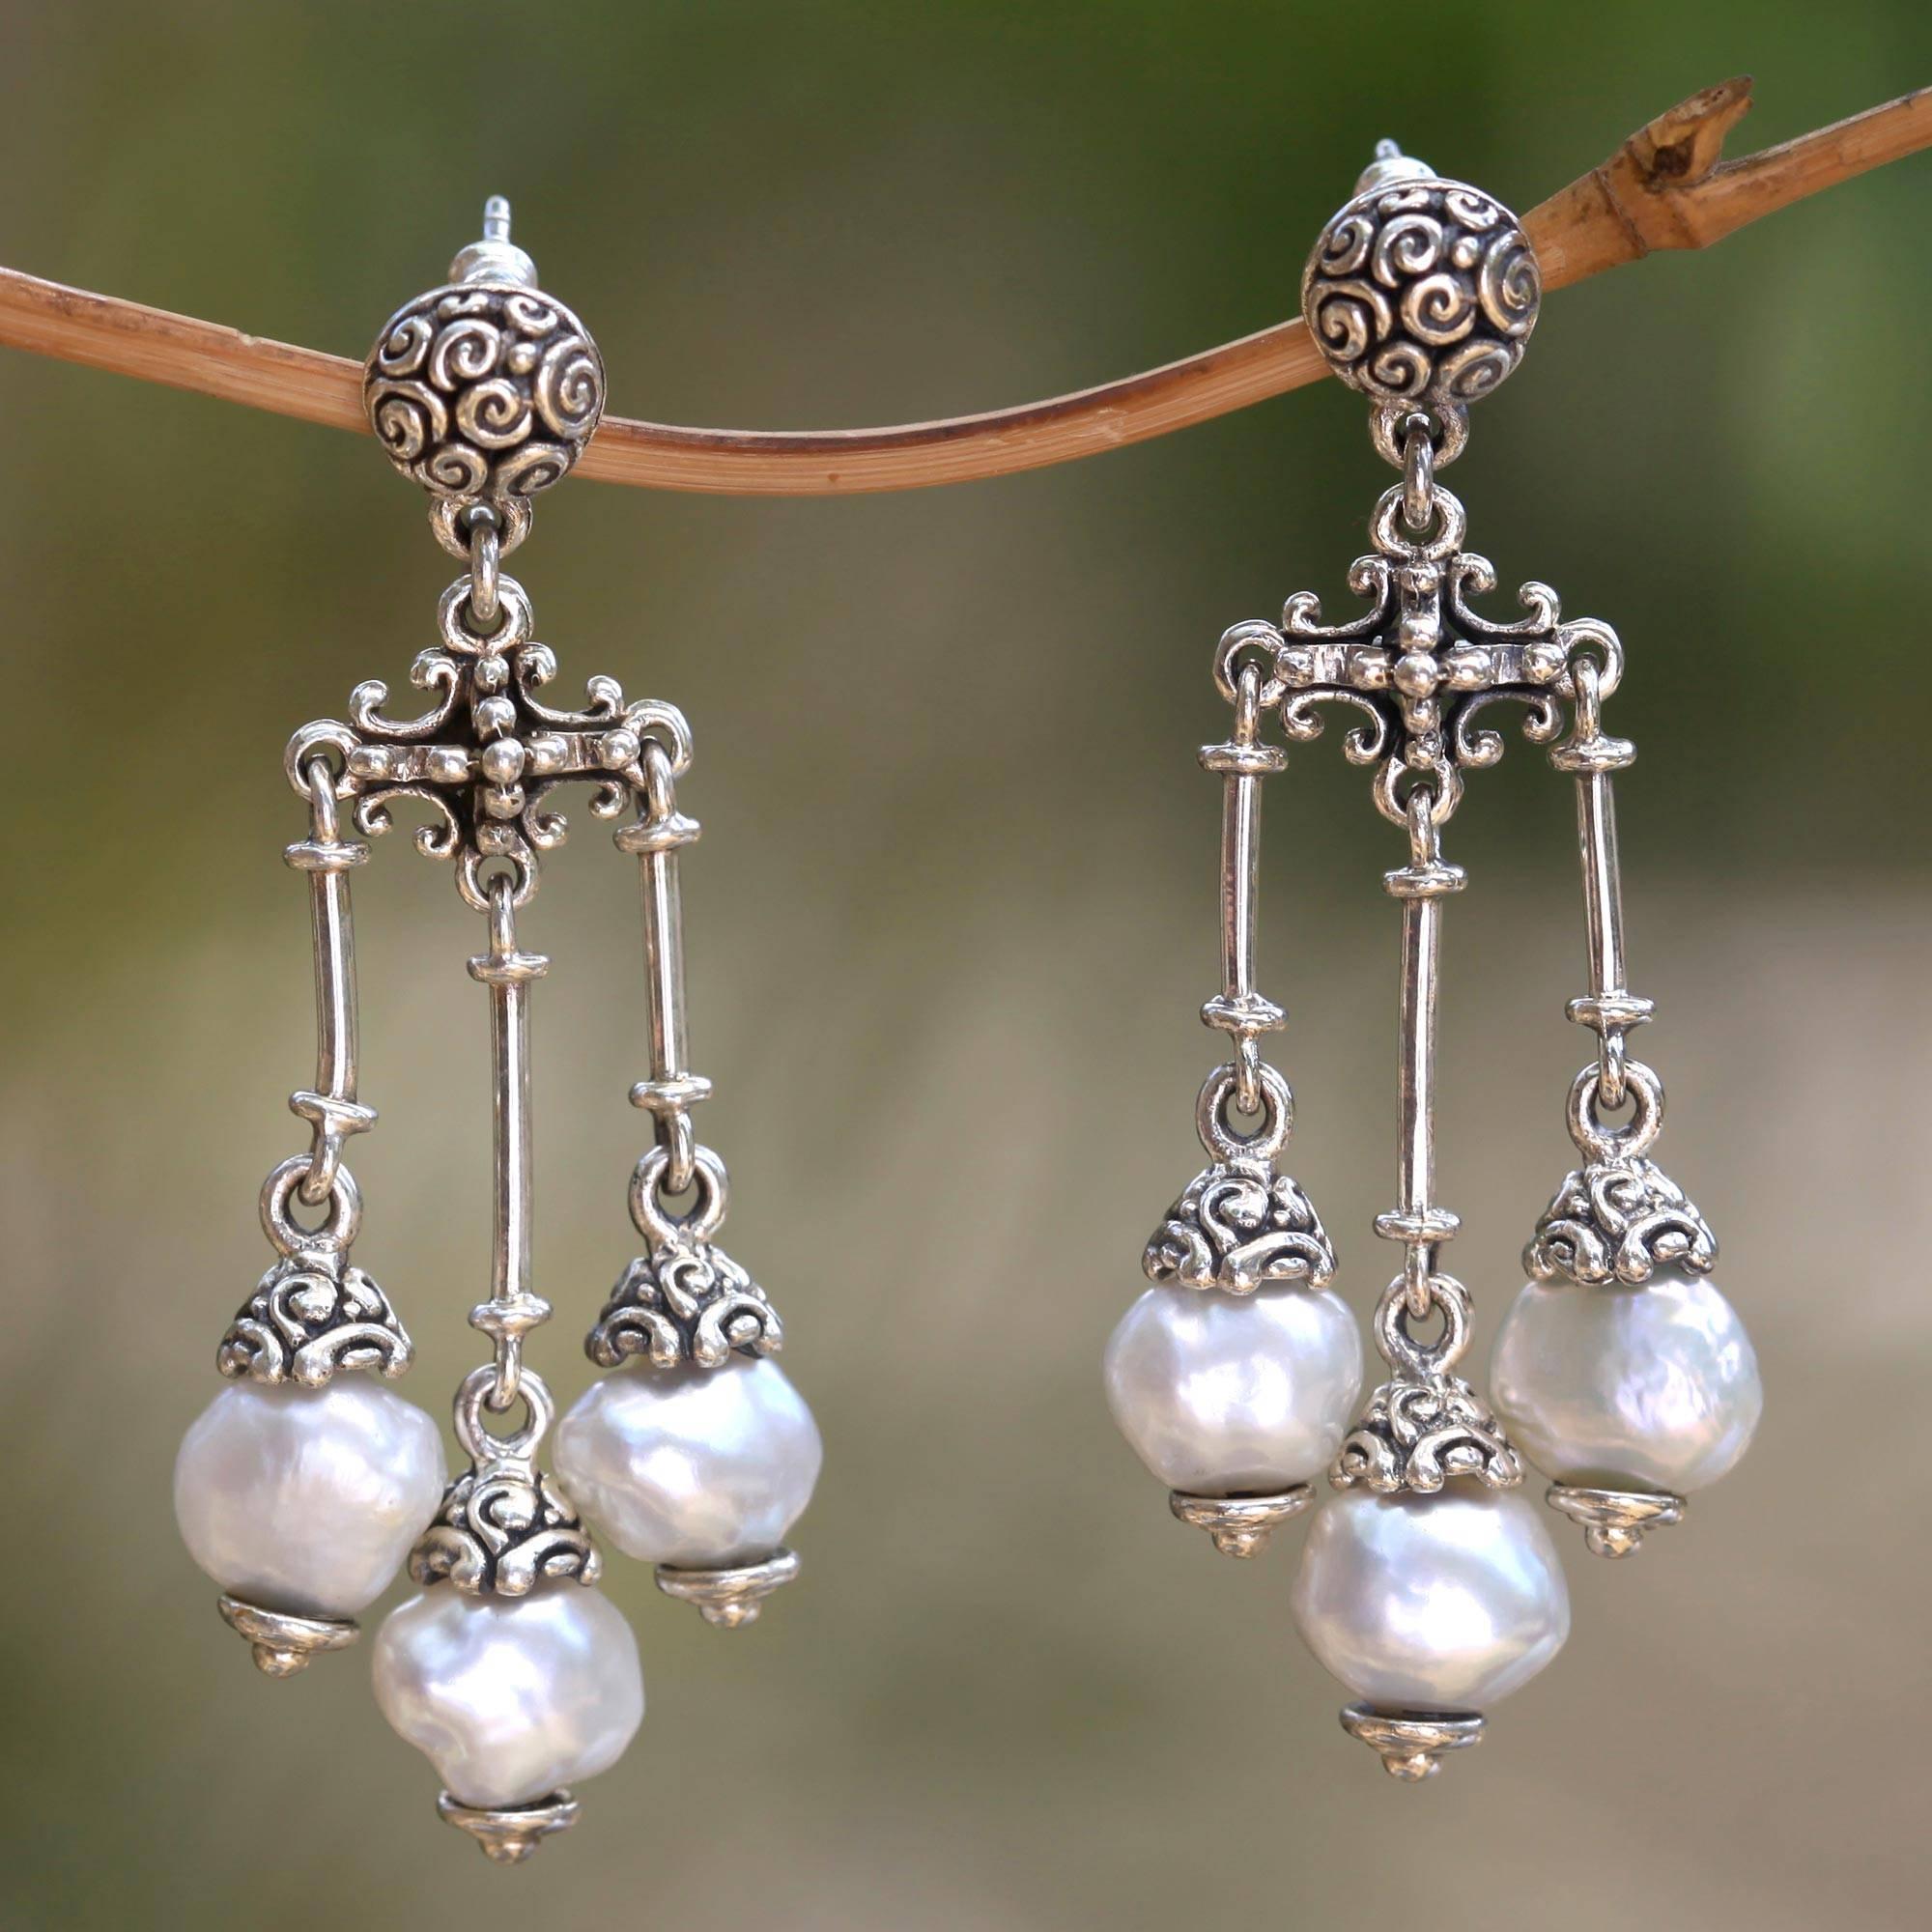 Earrings guide Trinity in White- Cultured pearl chandelier earrings